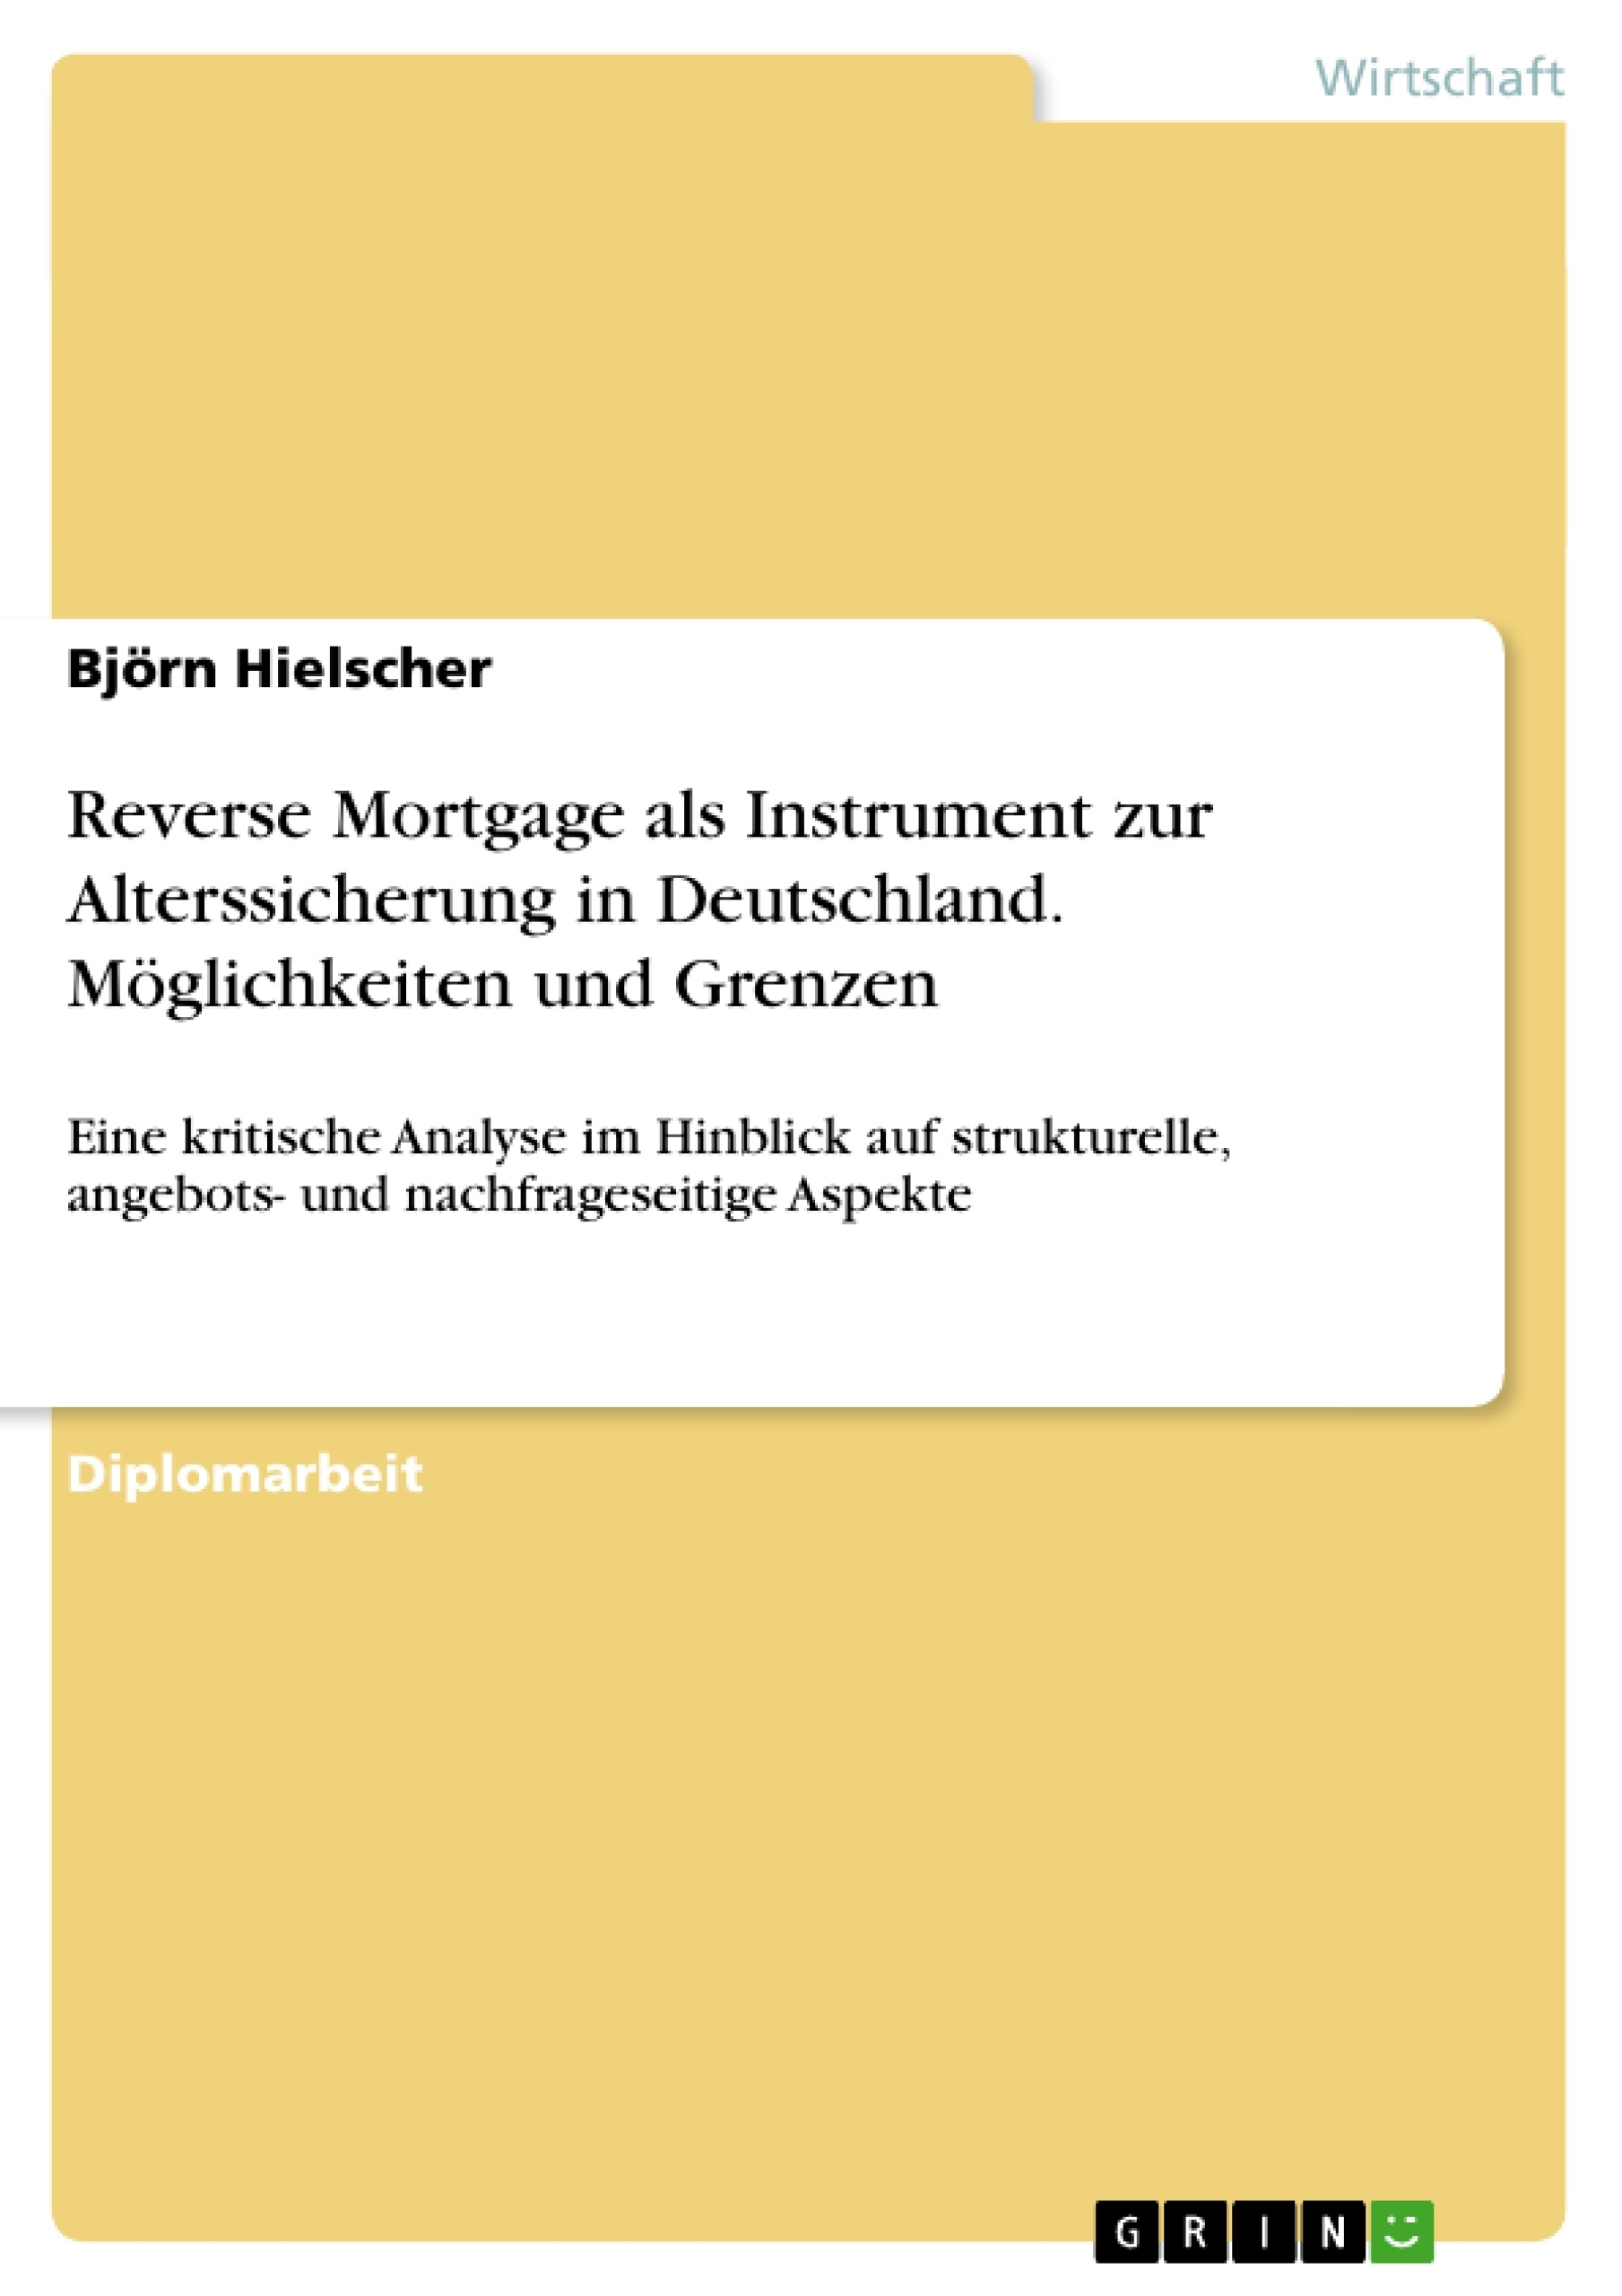 Titel: Reverse Mortgage als Instrument zur Alterssicherung in Deutschland. Möglichkeiten und Grenzen